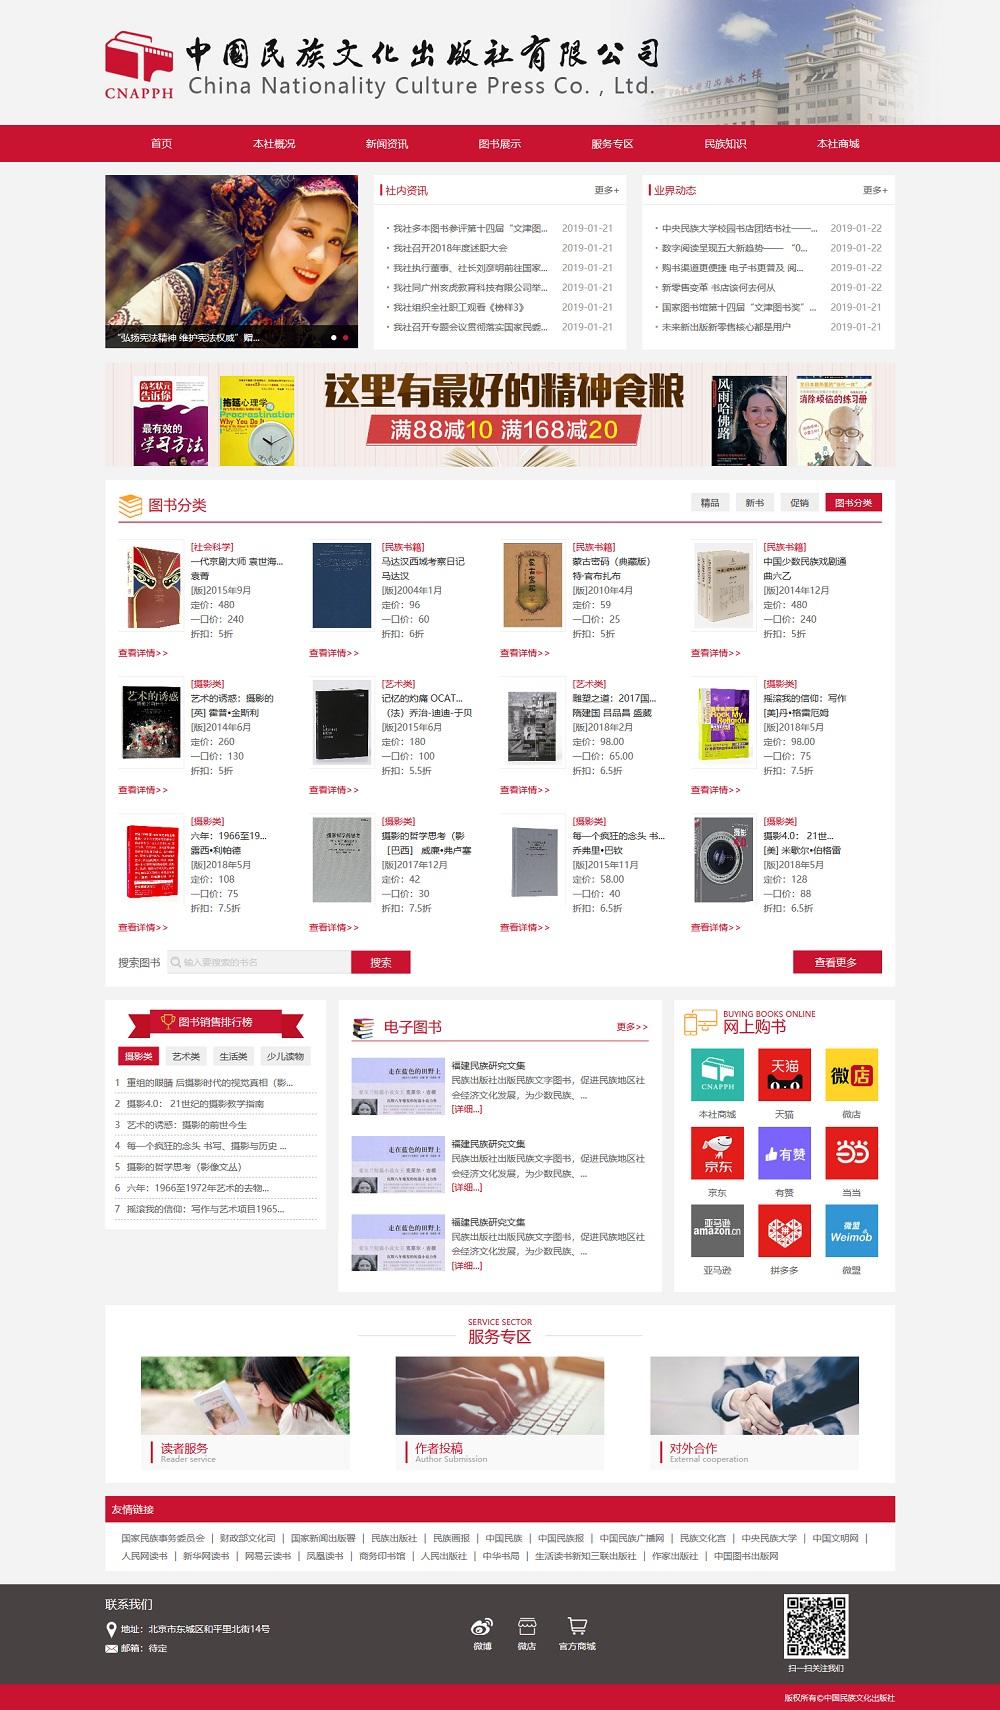 北京网站建设,网站优化公司,网站制作公司,建站公司